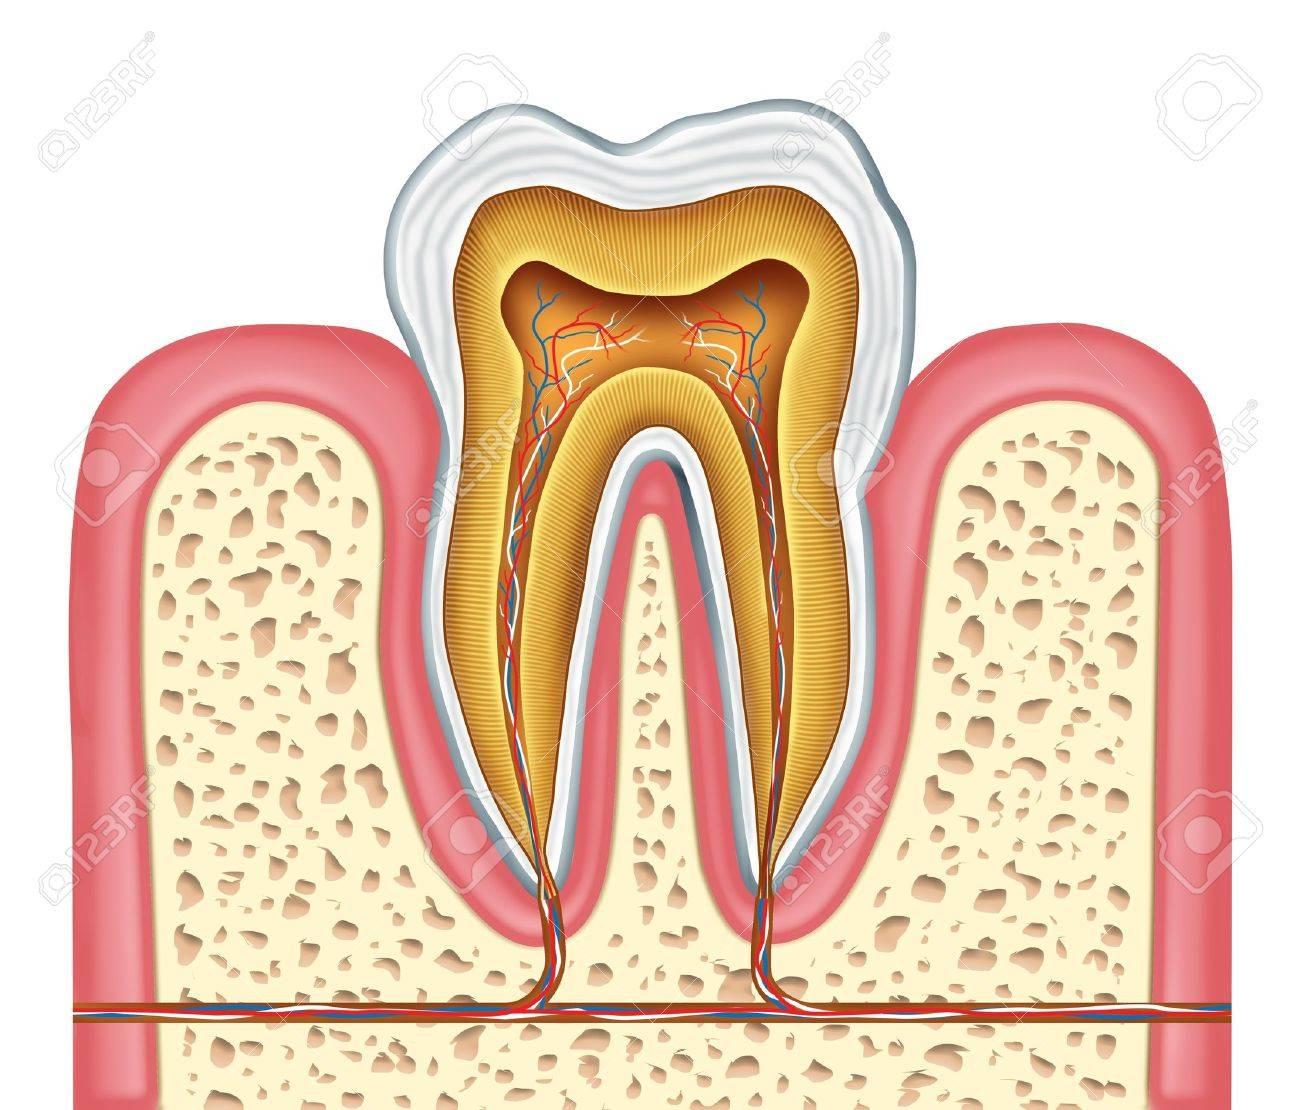 Anatomie Eines Gesunden Menschlichen Zahnes Diagramm Als Zahnarzt ...